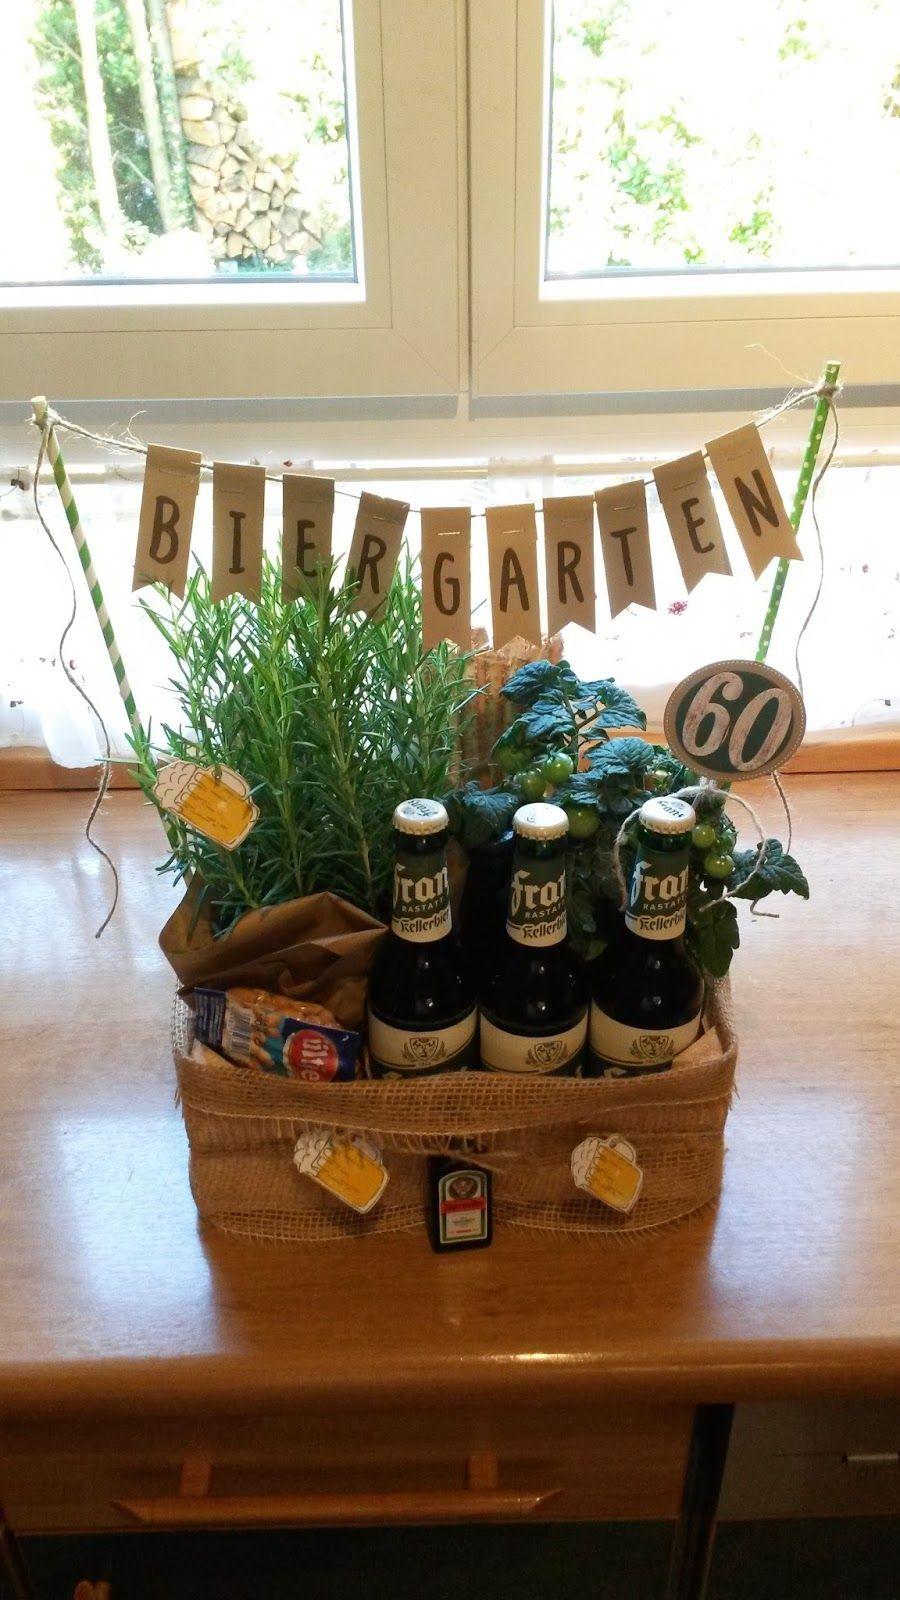 Lustige Geschenke Zum 60. Geburtstag Für Männer  Biergarten 60 Geburtstag Geschenk